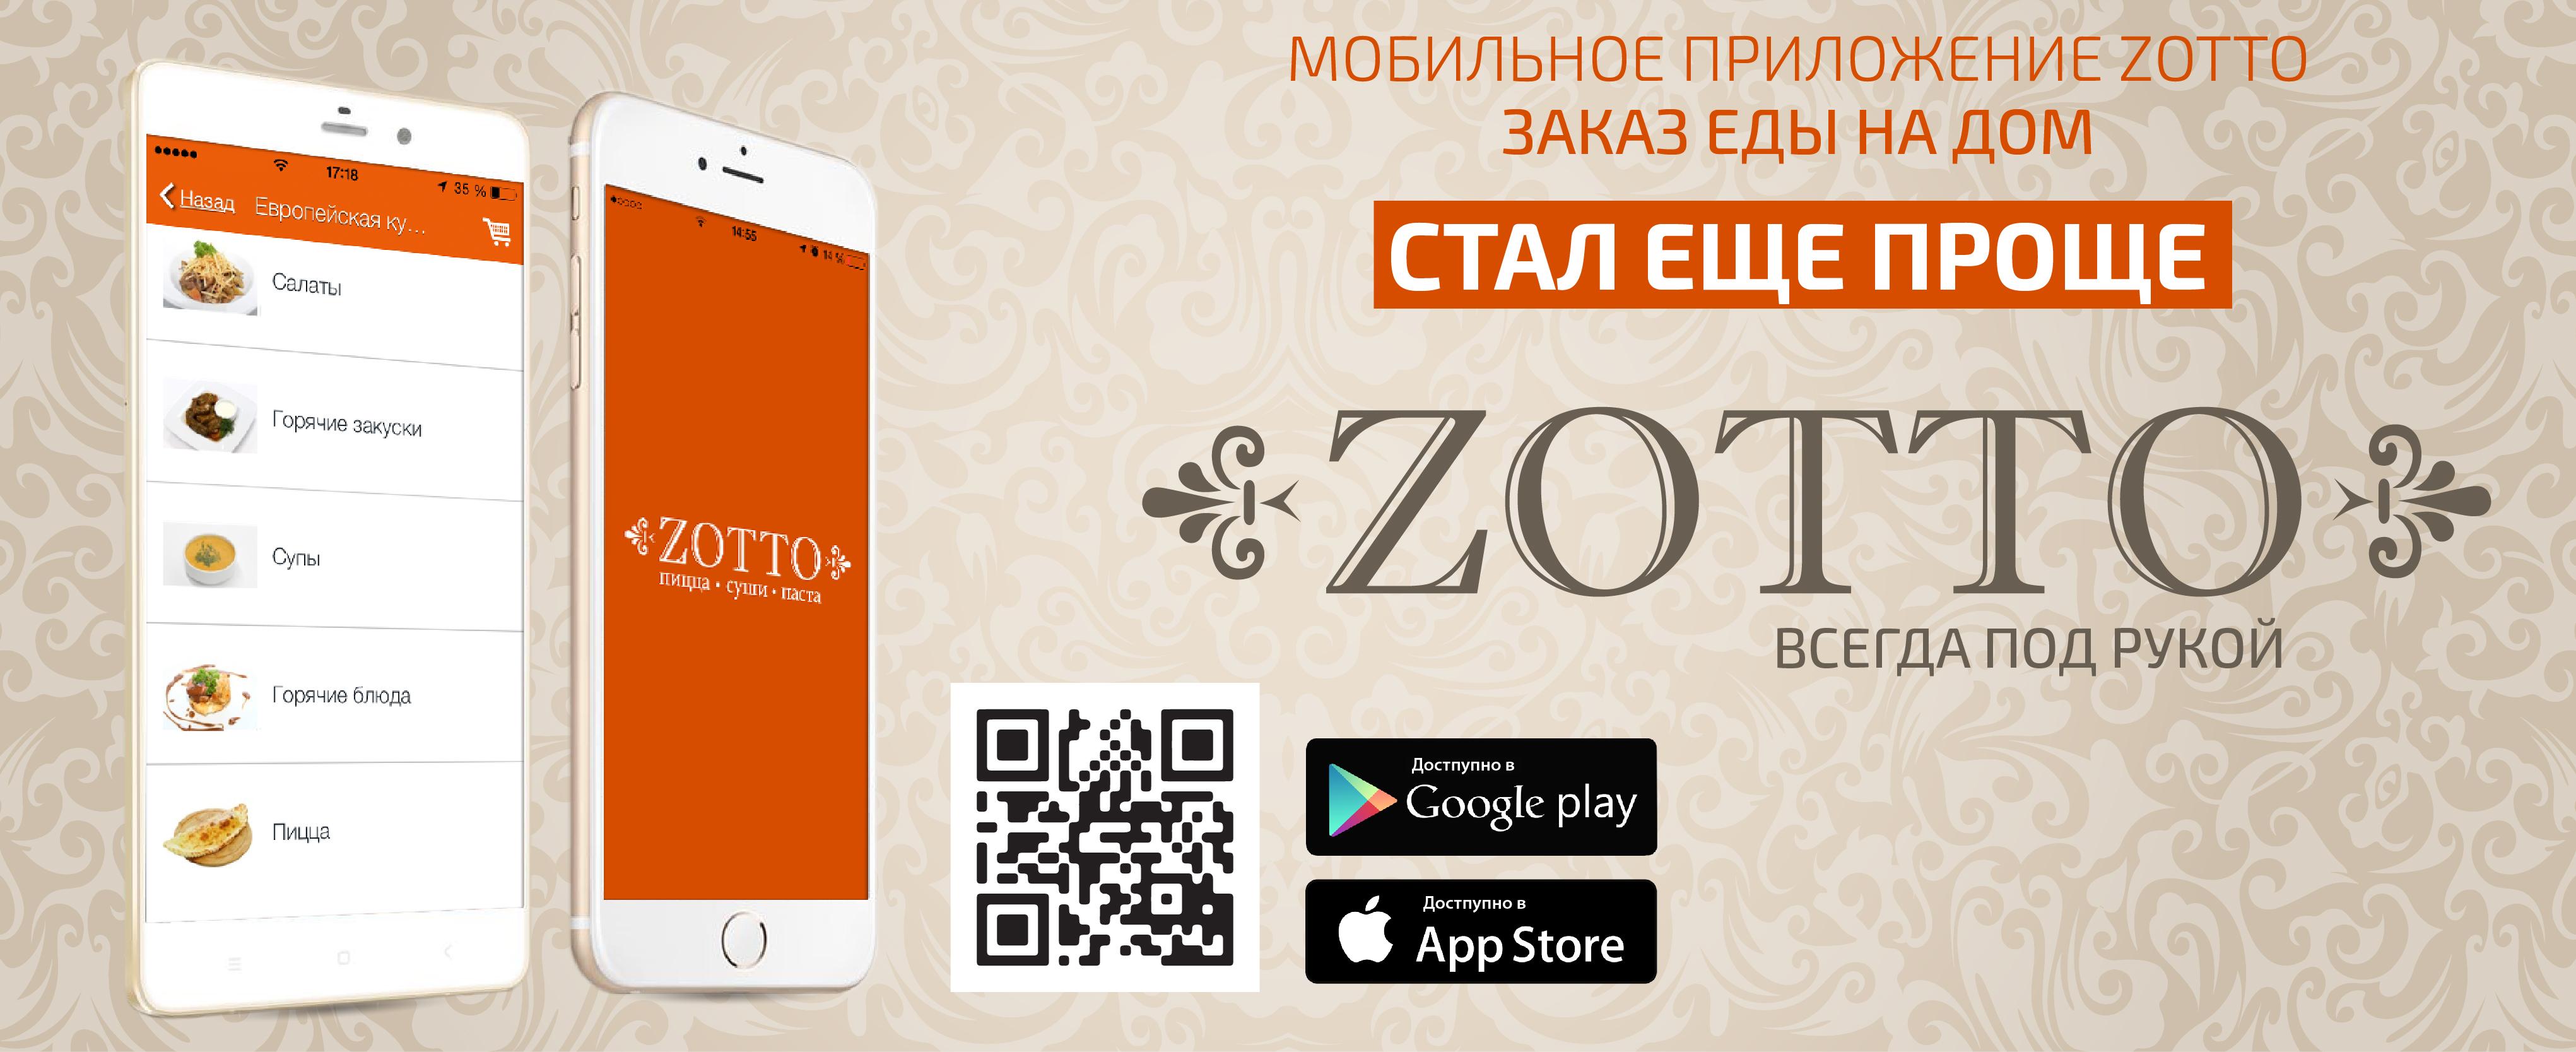 Мобильное приложение ZOTTO